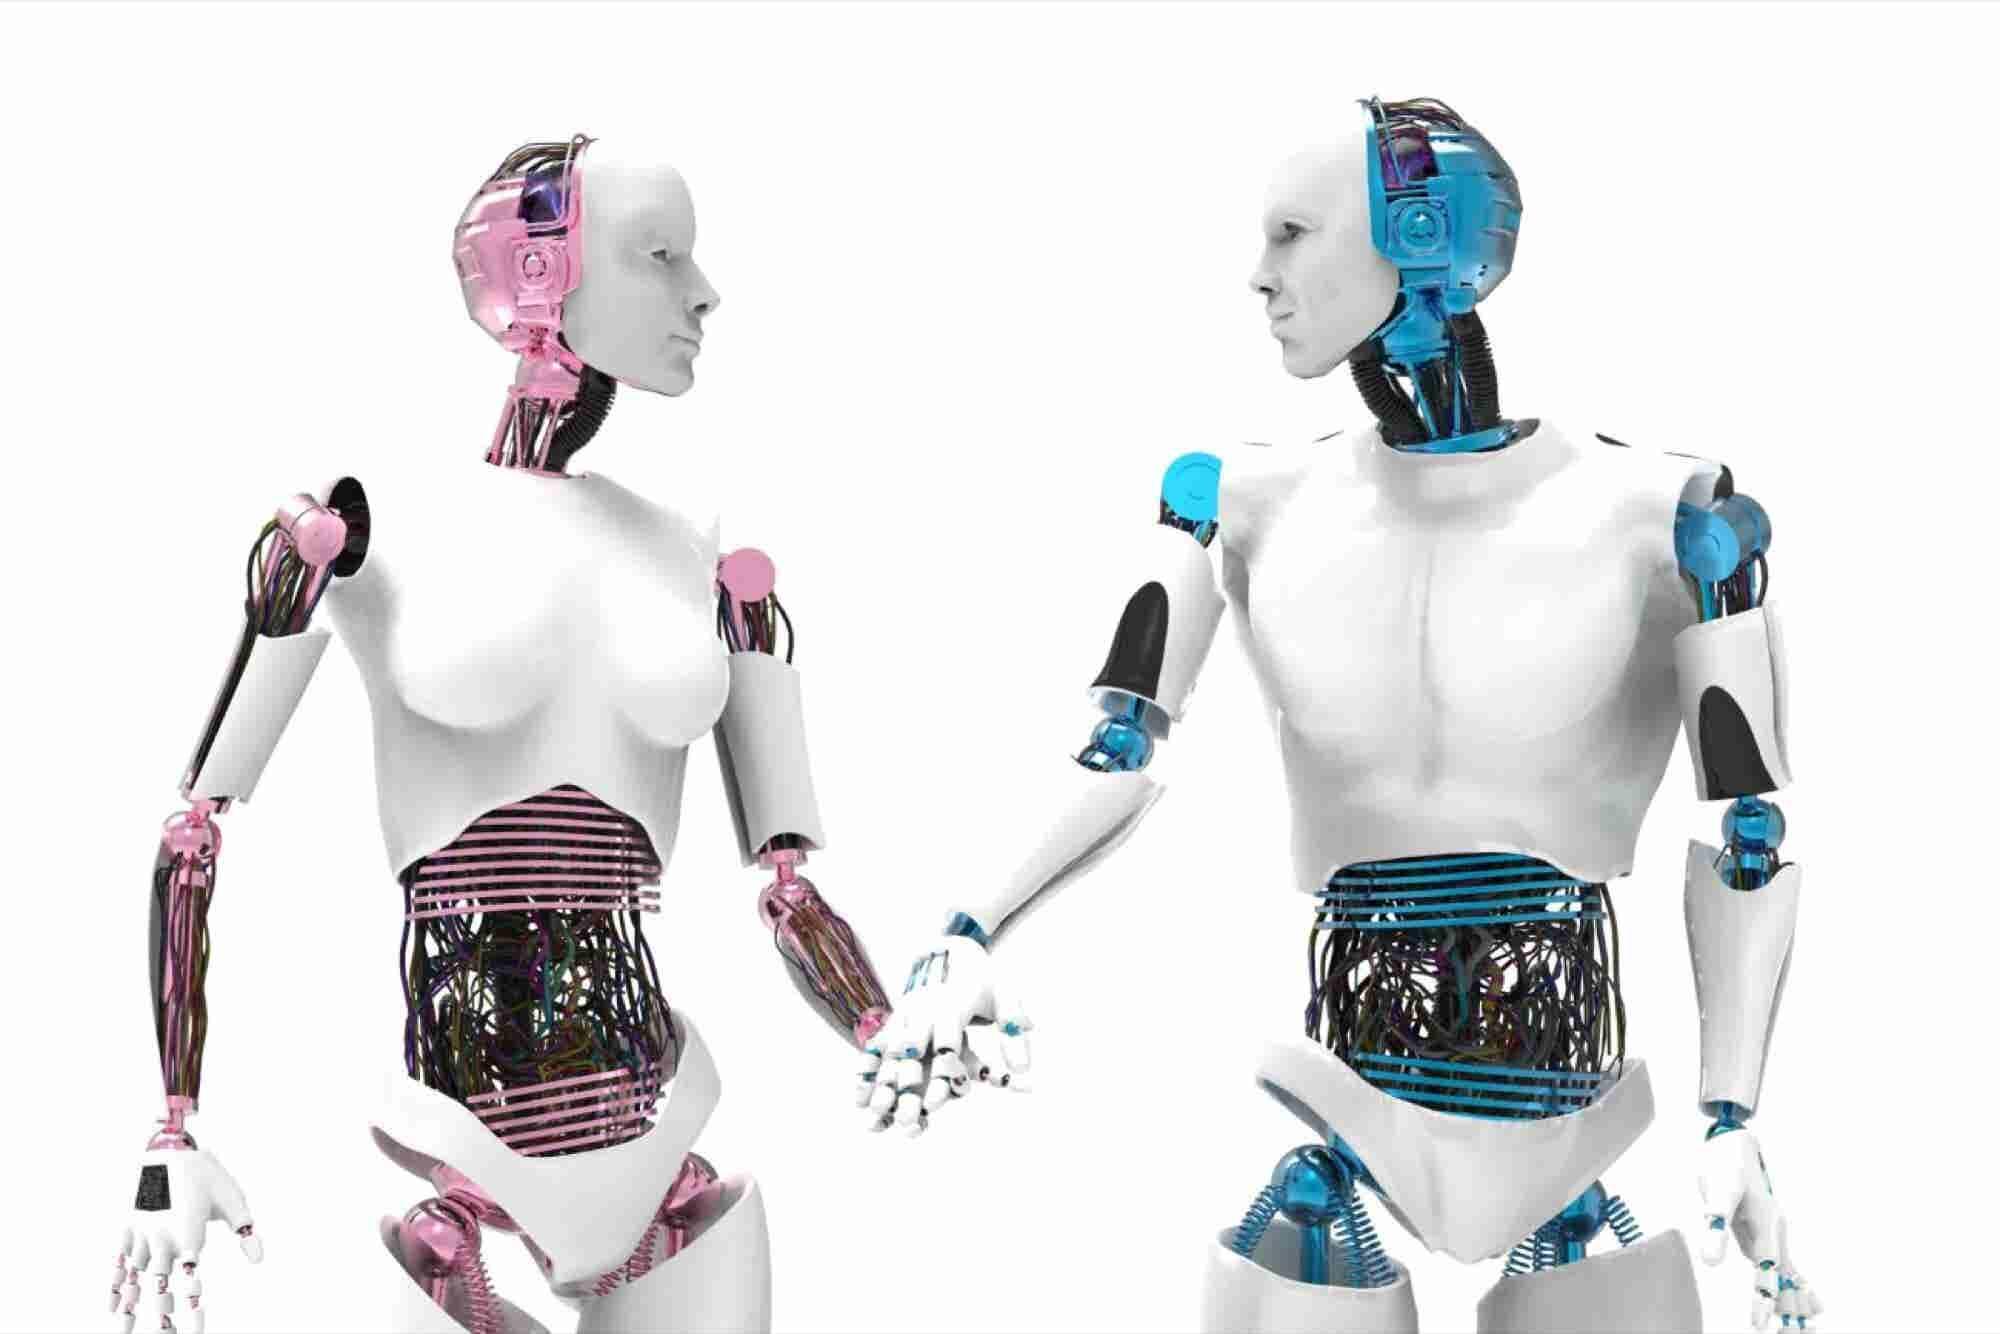 ¿Cómo será el futuro del trabajo después de la 'revolución de los robots'?